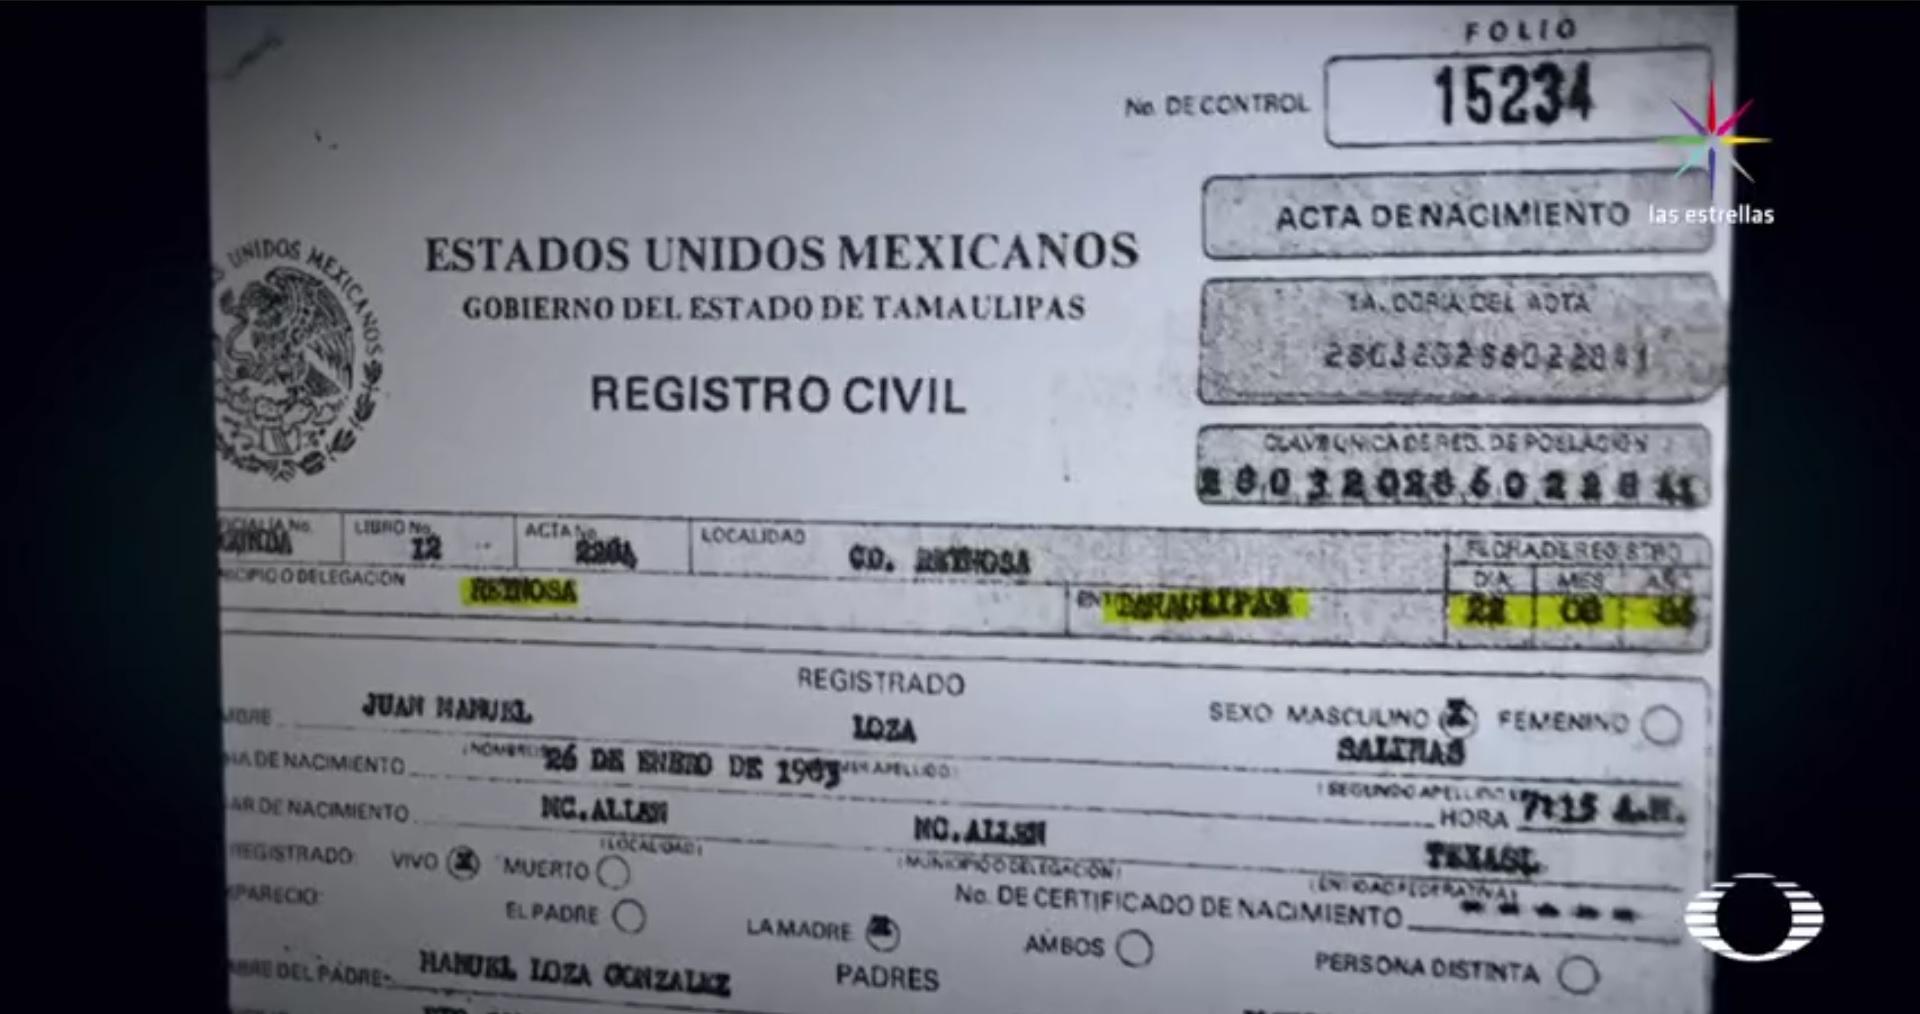 El Comandante Toro\' tenía doble nacionalidad | Noticieros Televisa